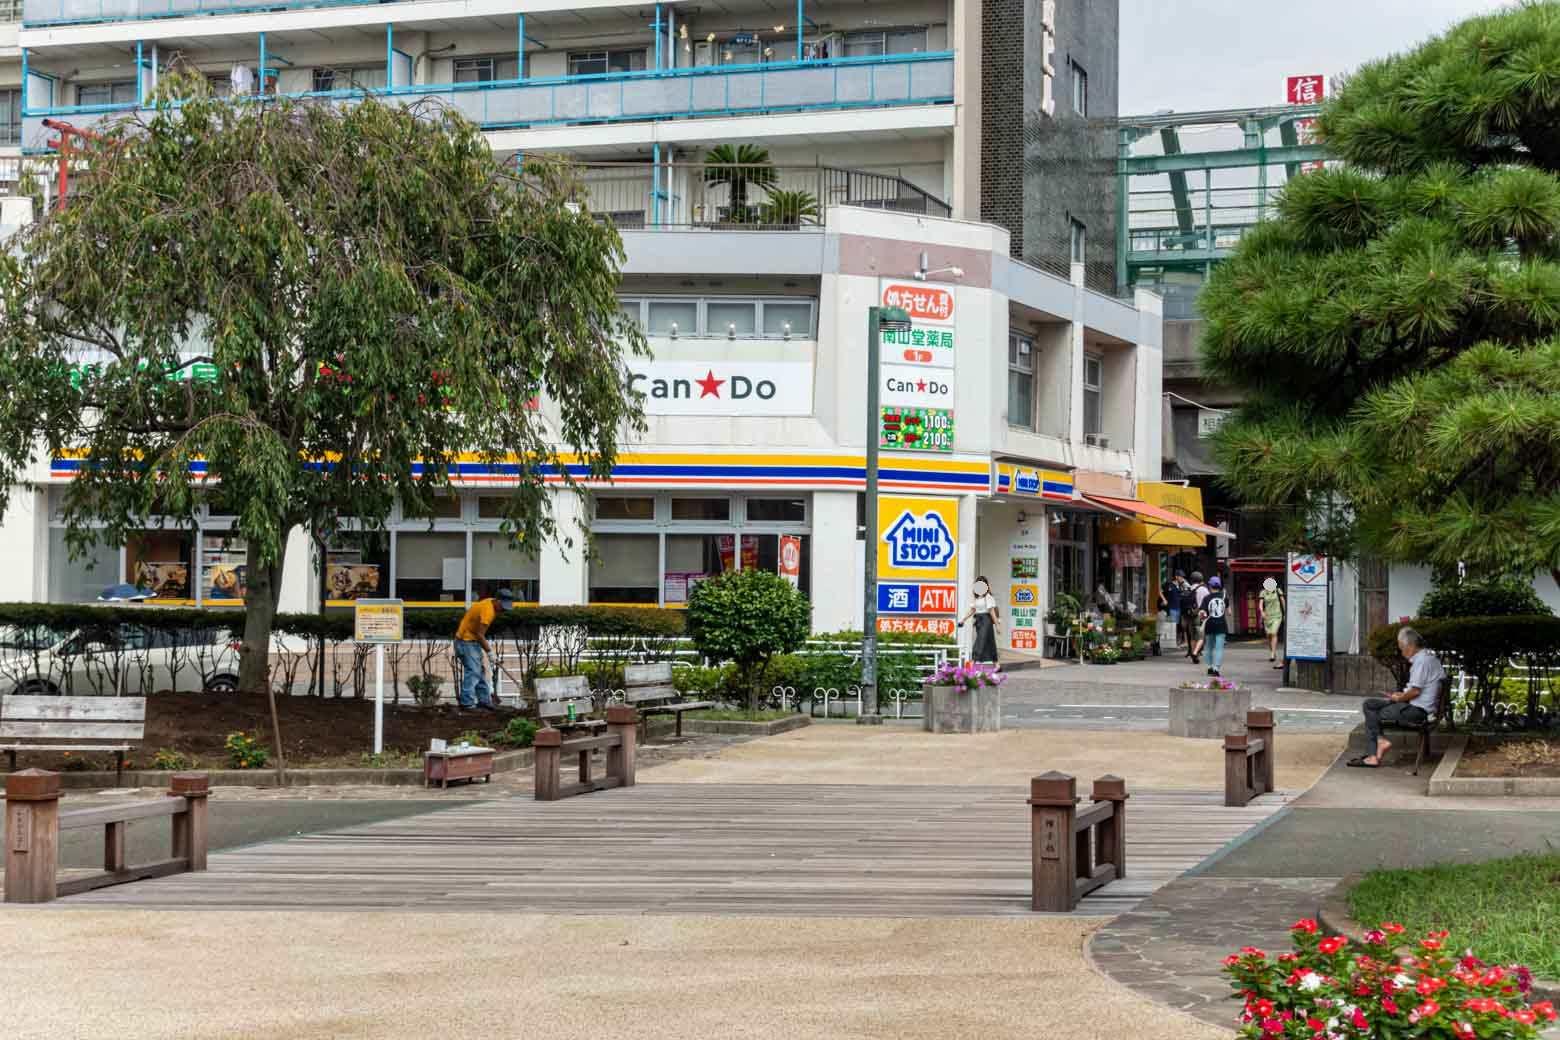 市民の憩いの場となっている駅前広場。旧東海道に掛かっていた〈帷子橋〉がモニュメントとして設置されていて、広場のシンボルとなっています。